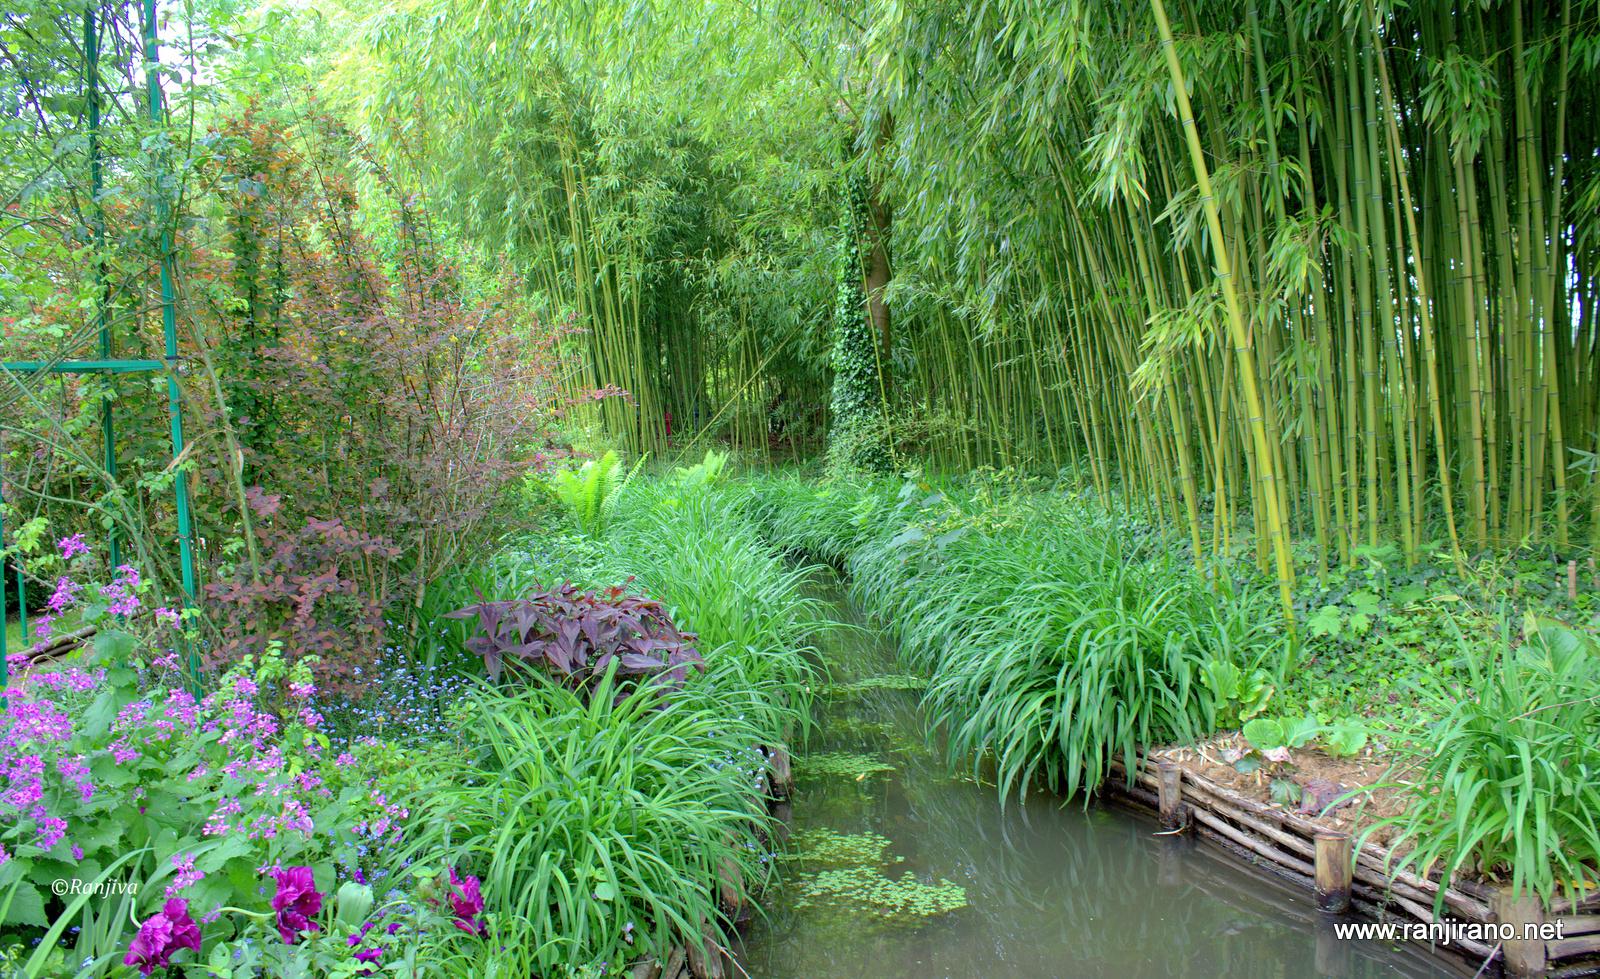 Un ravissant ruisseau dans le jardin de monet le ru giverny paysages et fleurs au fil de - Petit jardin ru ...